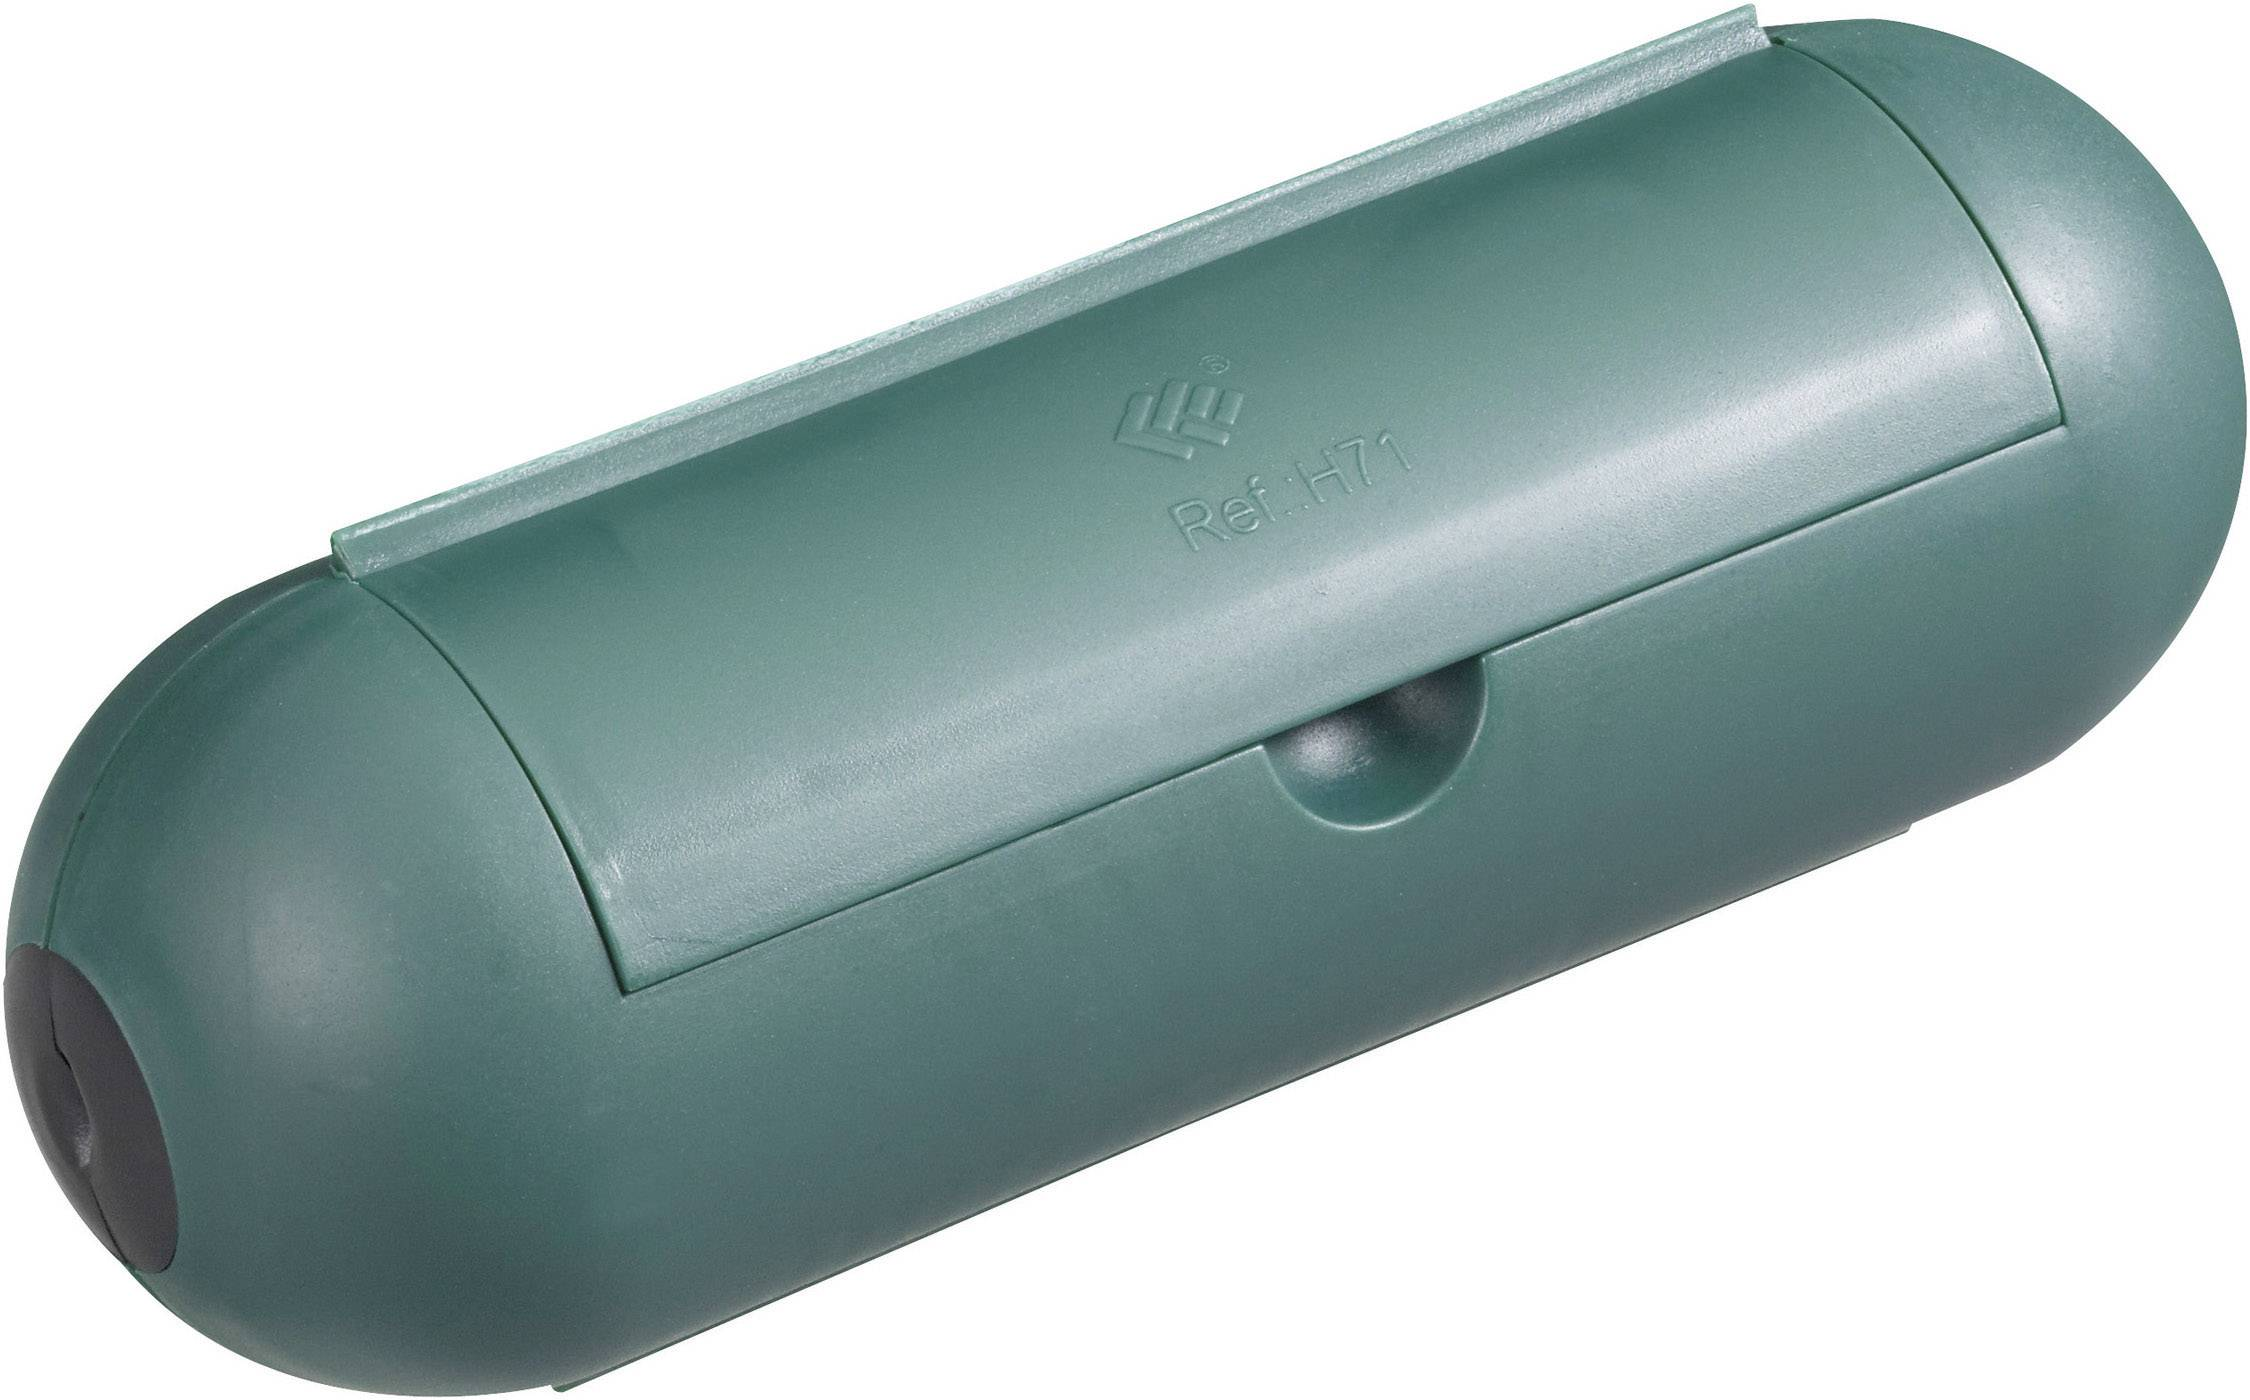 Kryt zásuvky GAO 0392, zelená, 1-násobný